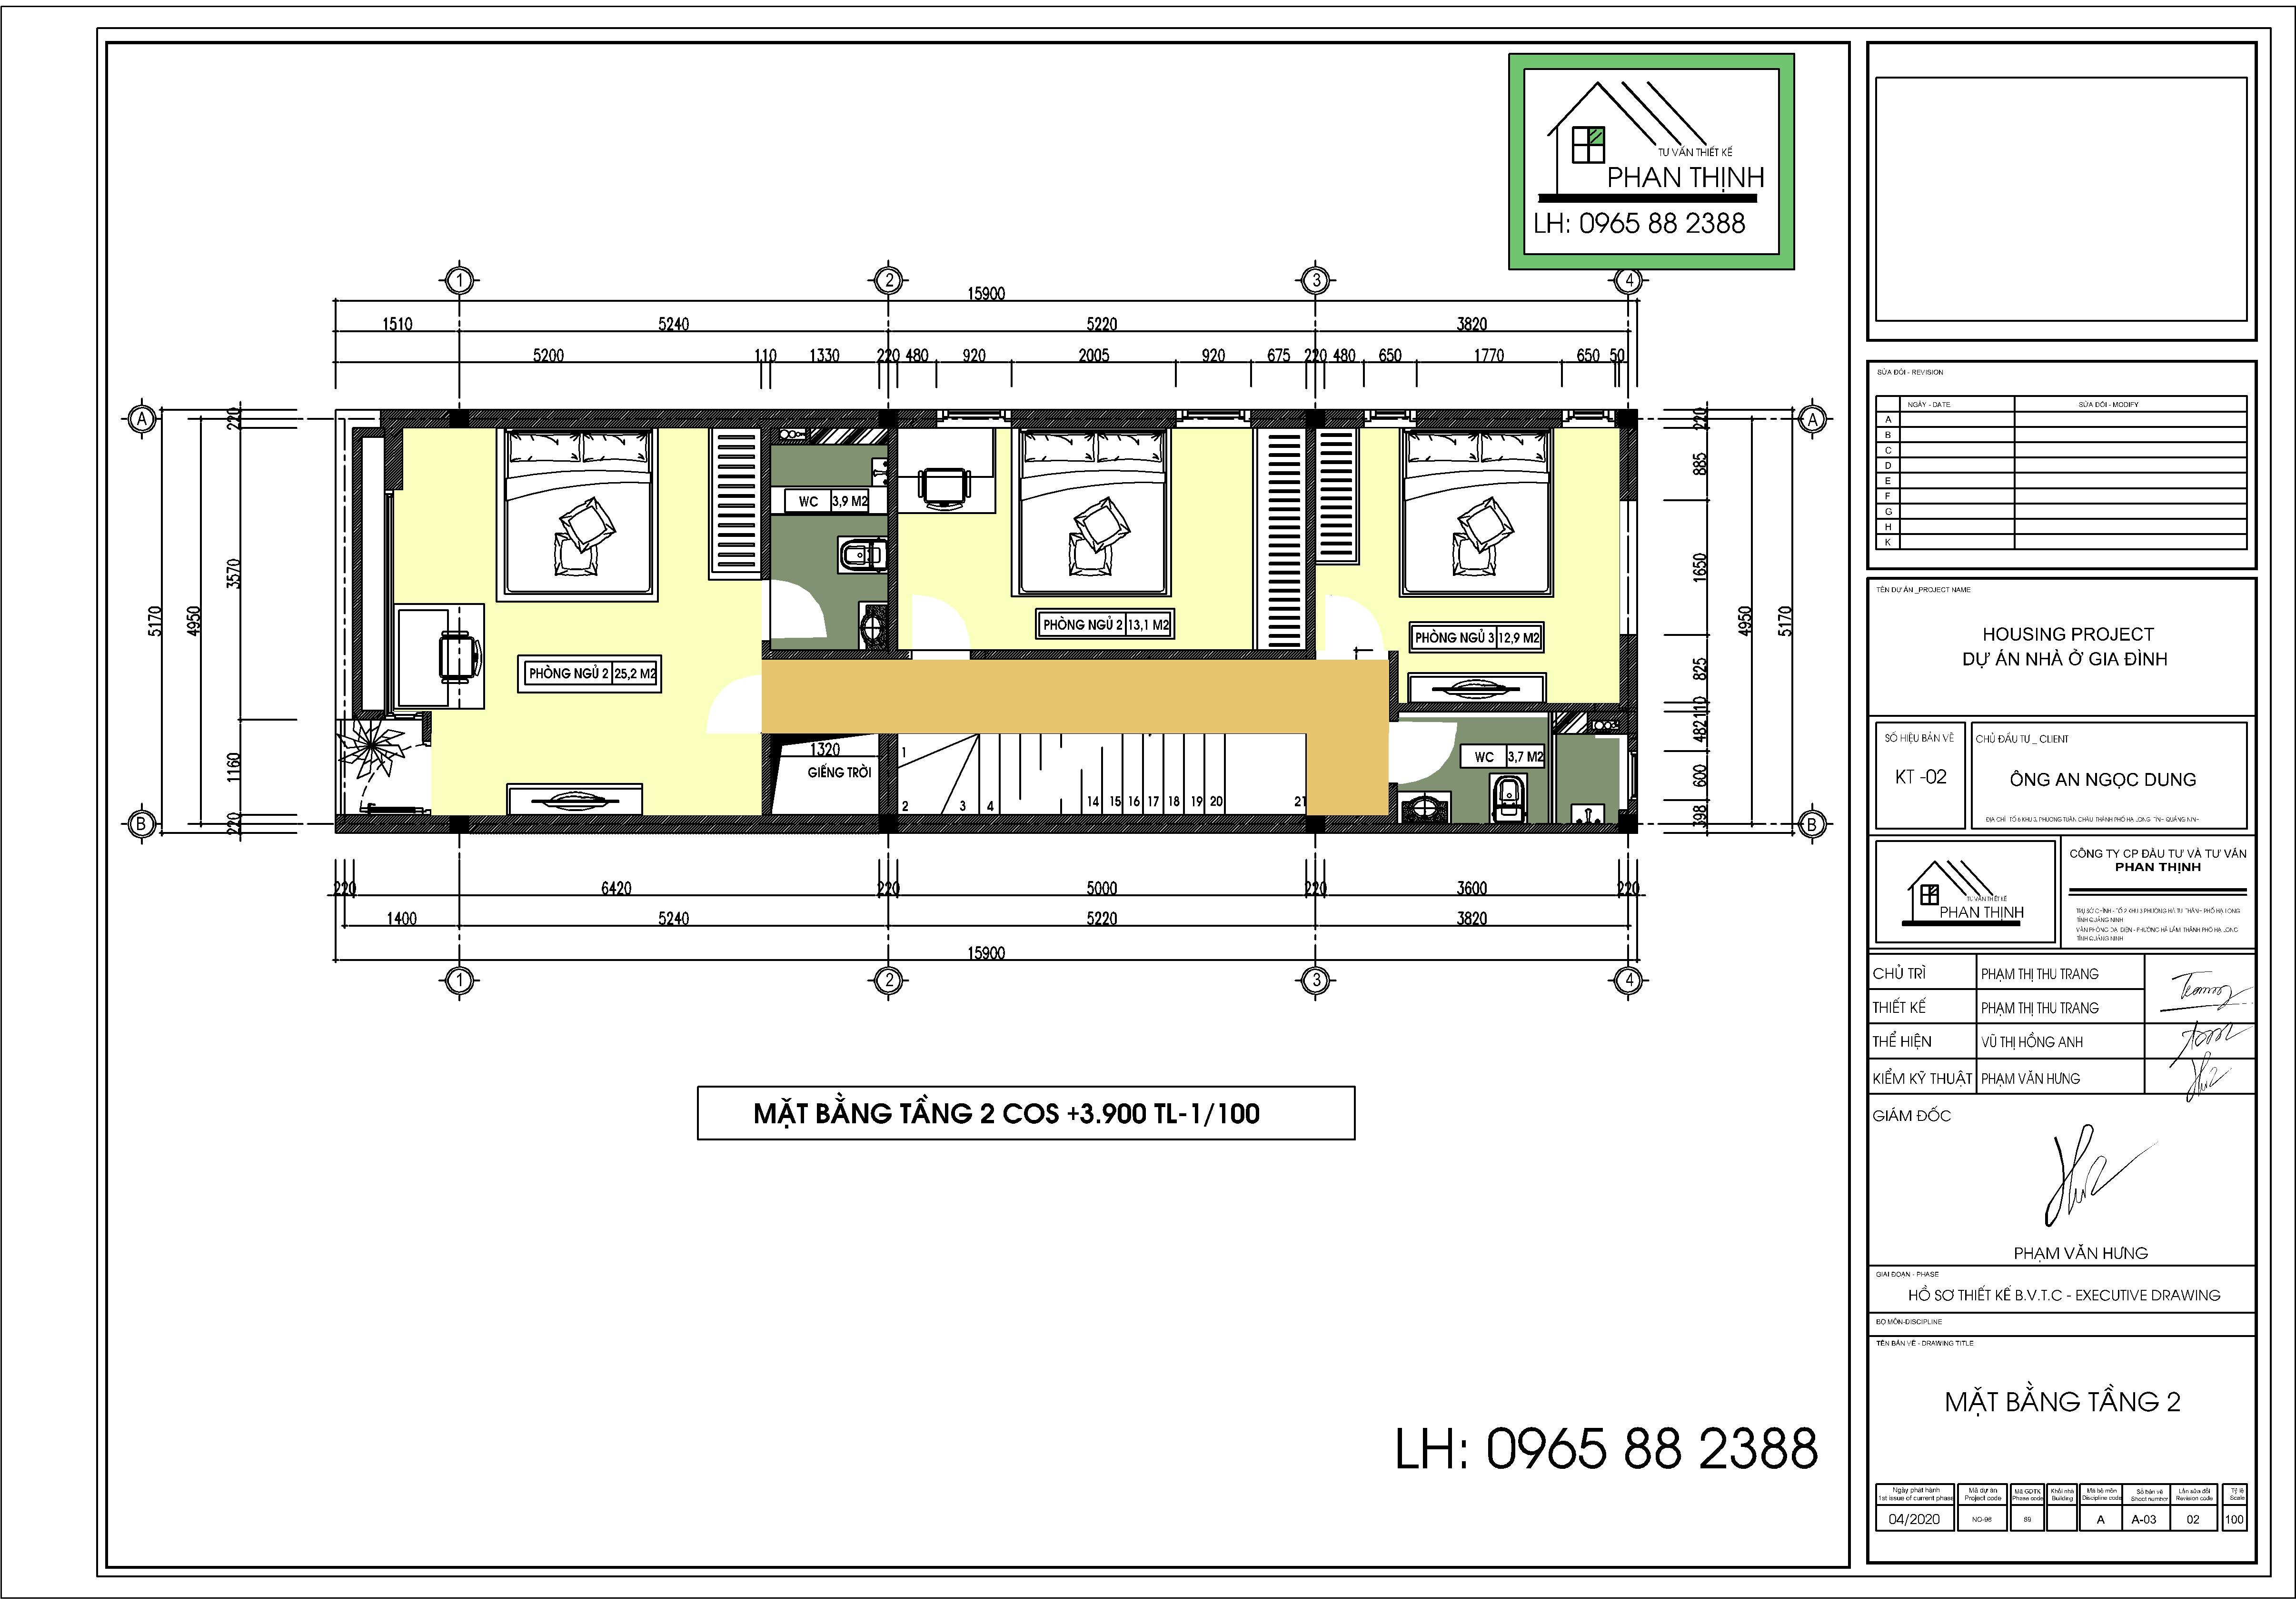 Thiết kế tầng 2 ngôi nhà rộng 5m mặt tiền ở Quảng Ninh